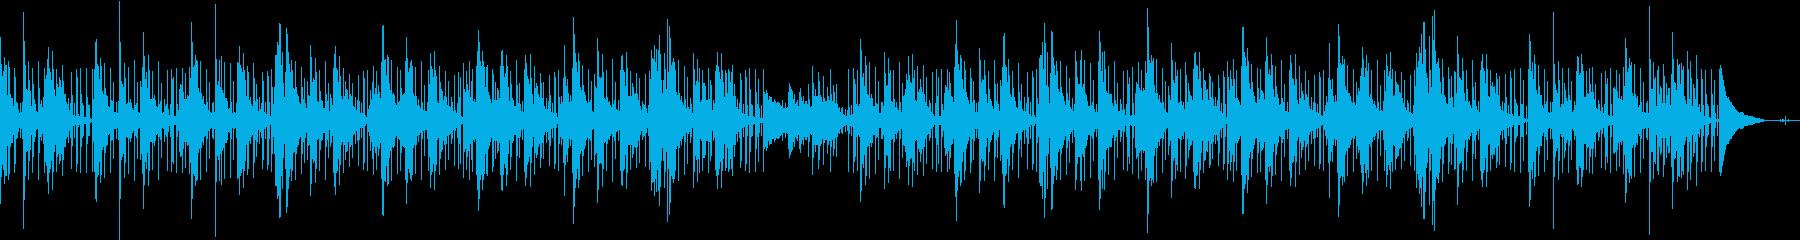 日常/朝 ジャジーな癒しリラックスピアノの再生済みの波形